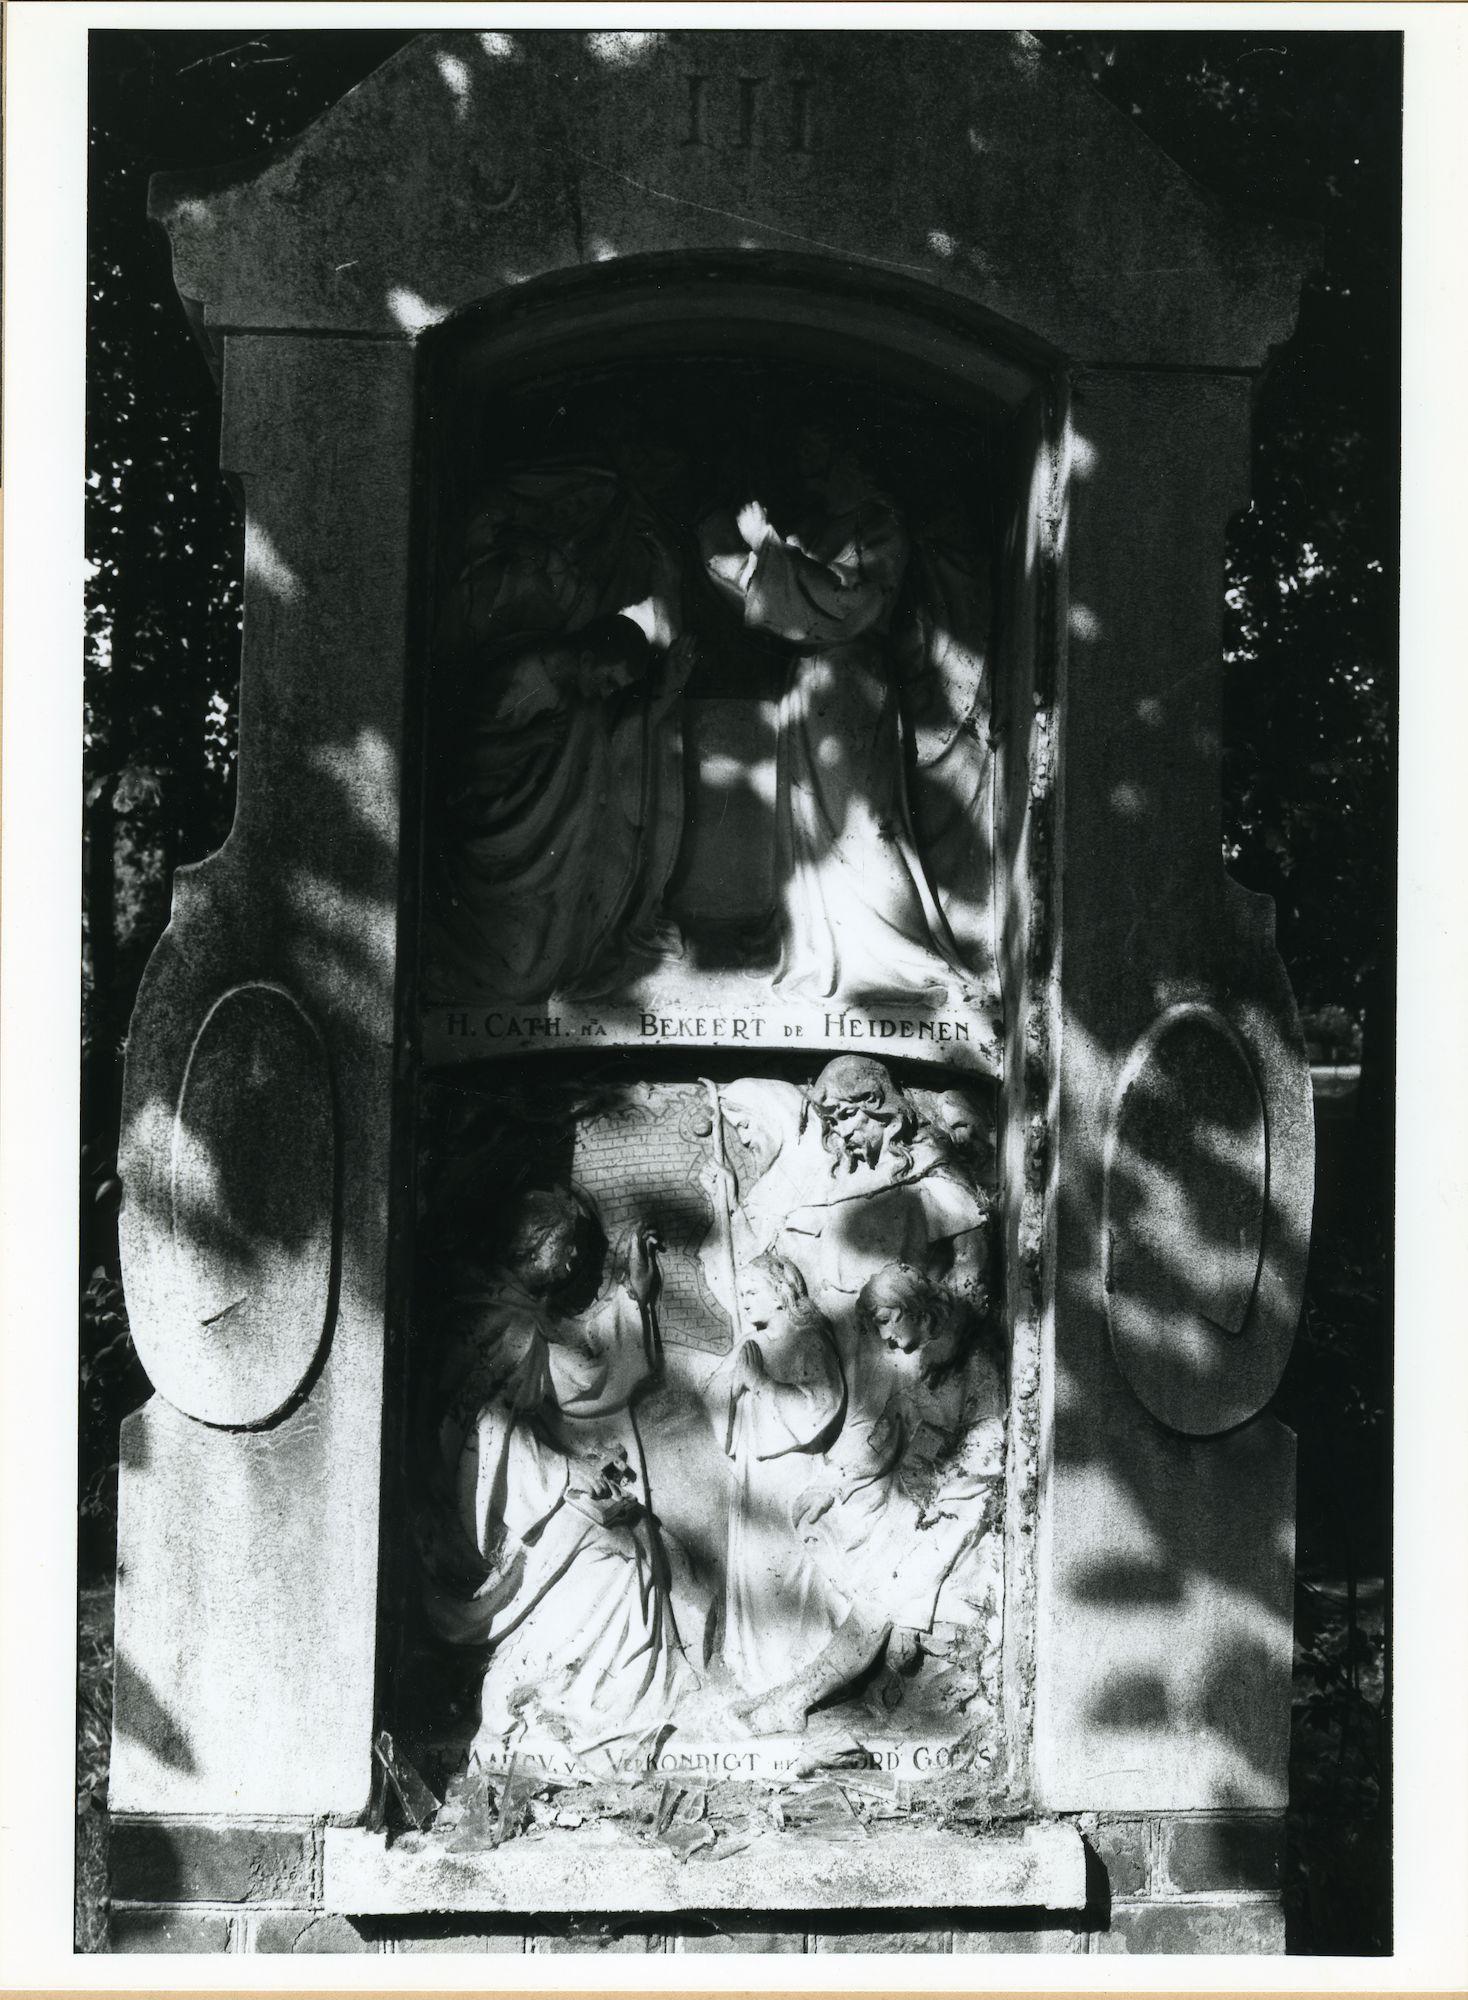 Wondelgem: Kerkdries: Staties, 1980